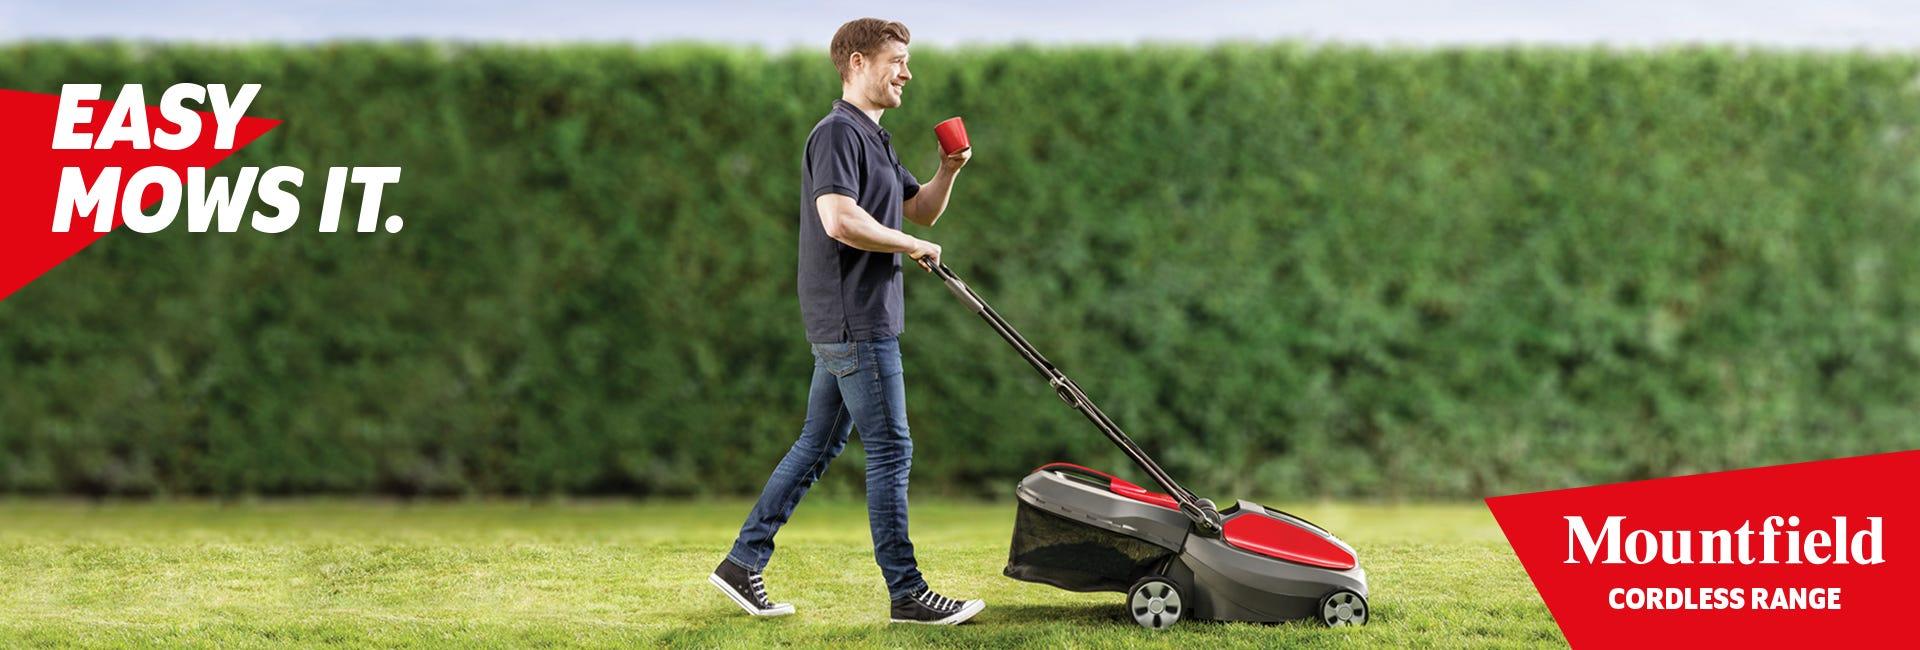 Easy Mows It